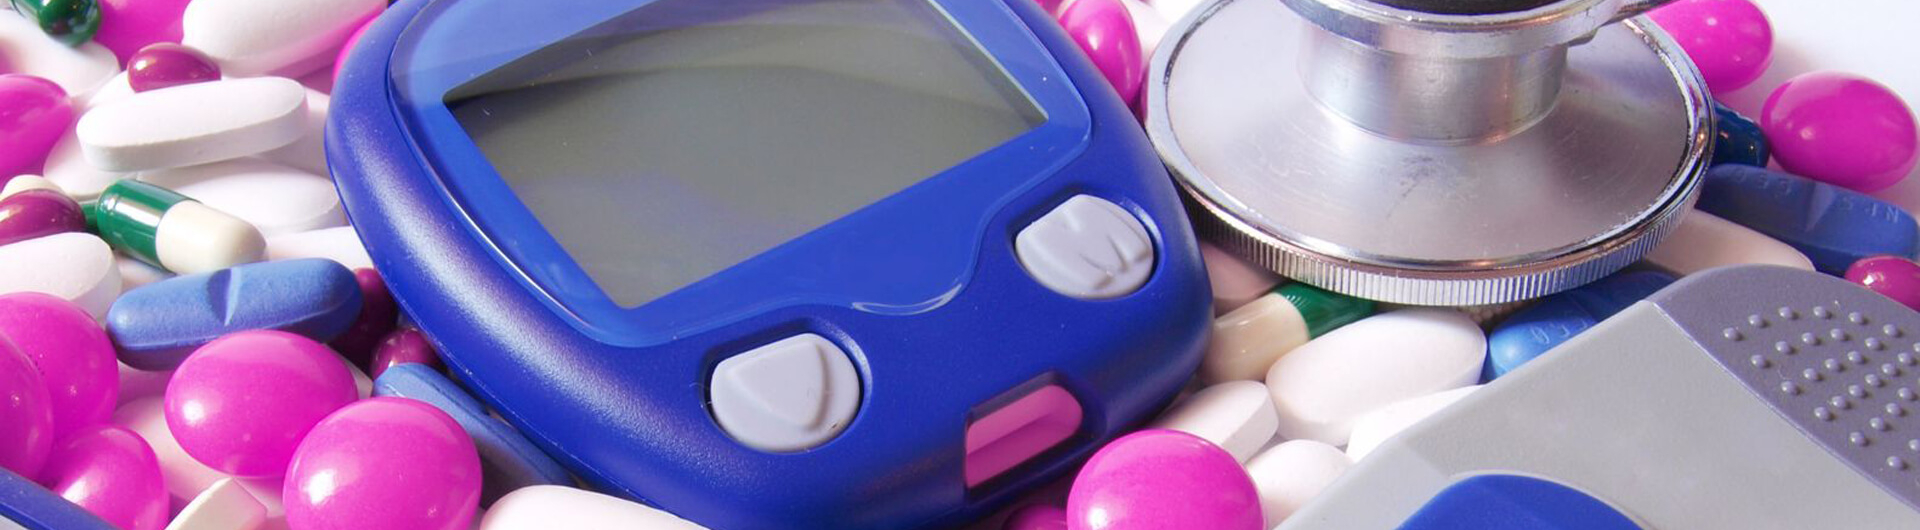 slider-despre-dispozitive-medicale